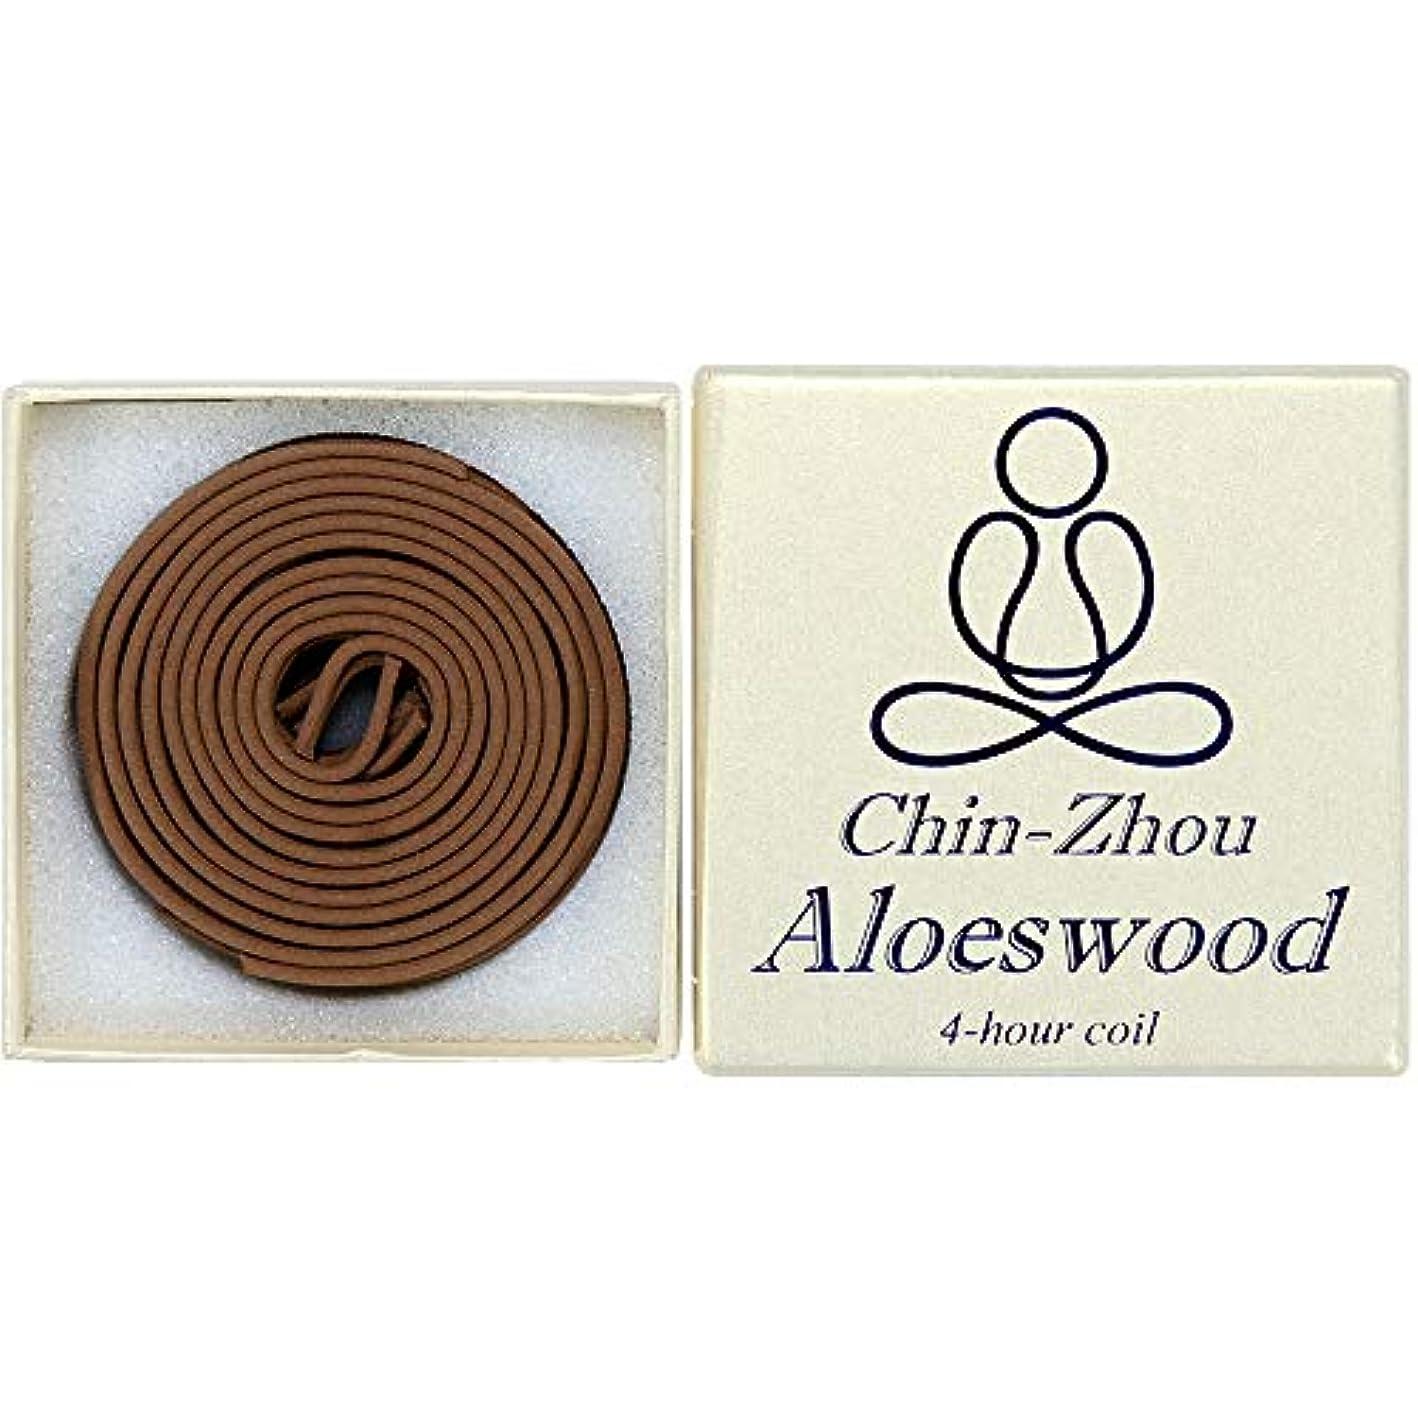 上下する基本的な受取人12ピース4-hour chin-zhou Aloeswoodコイル – 100 % Natural – f023t